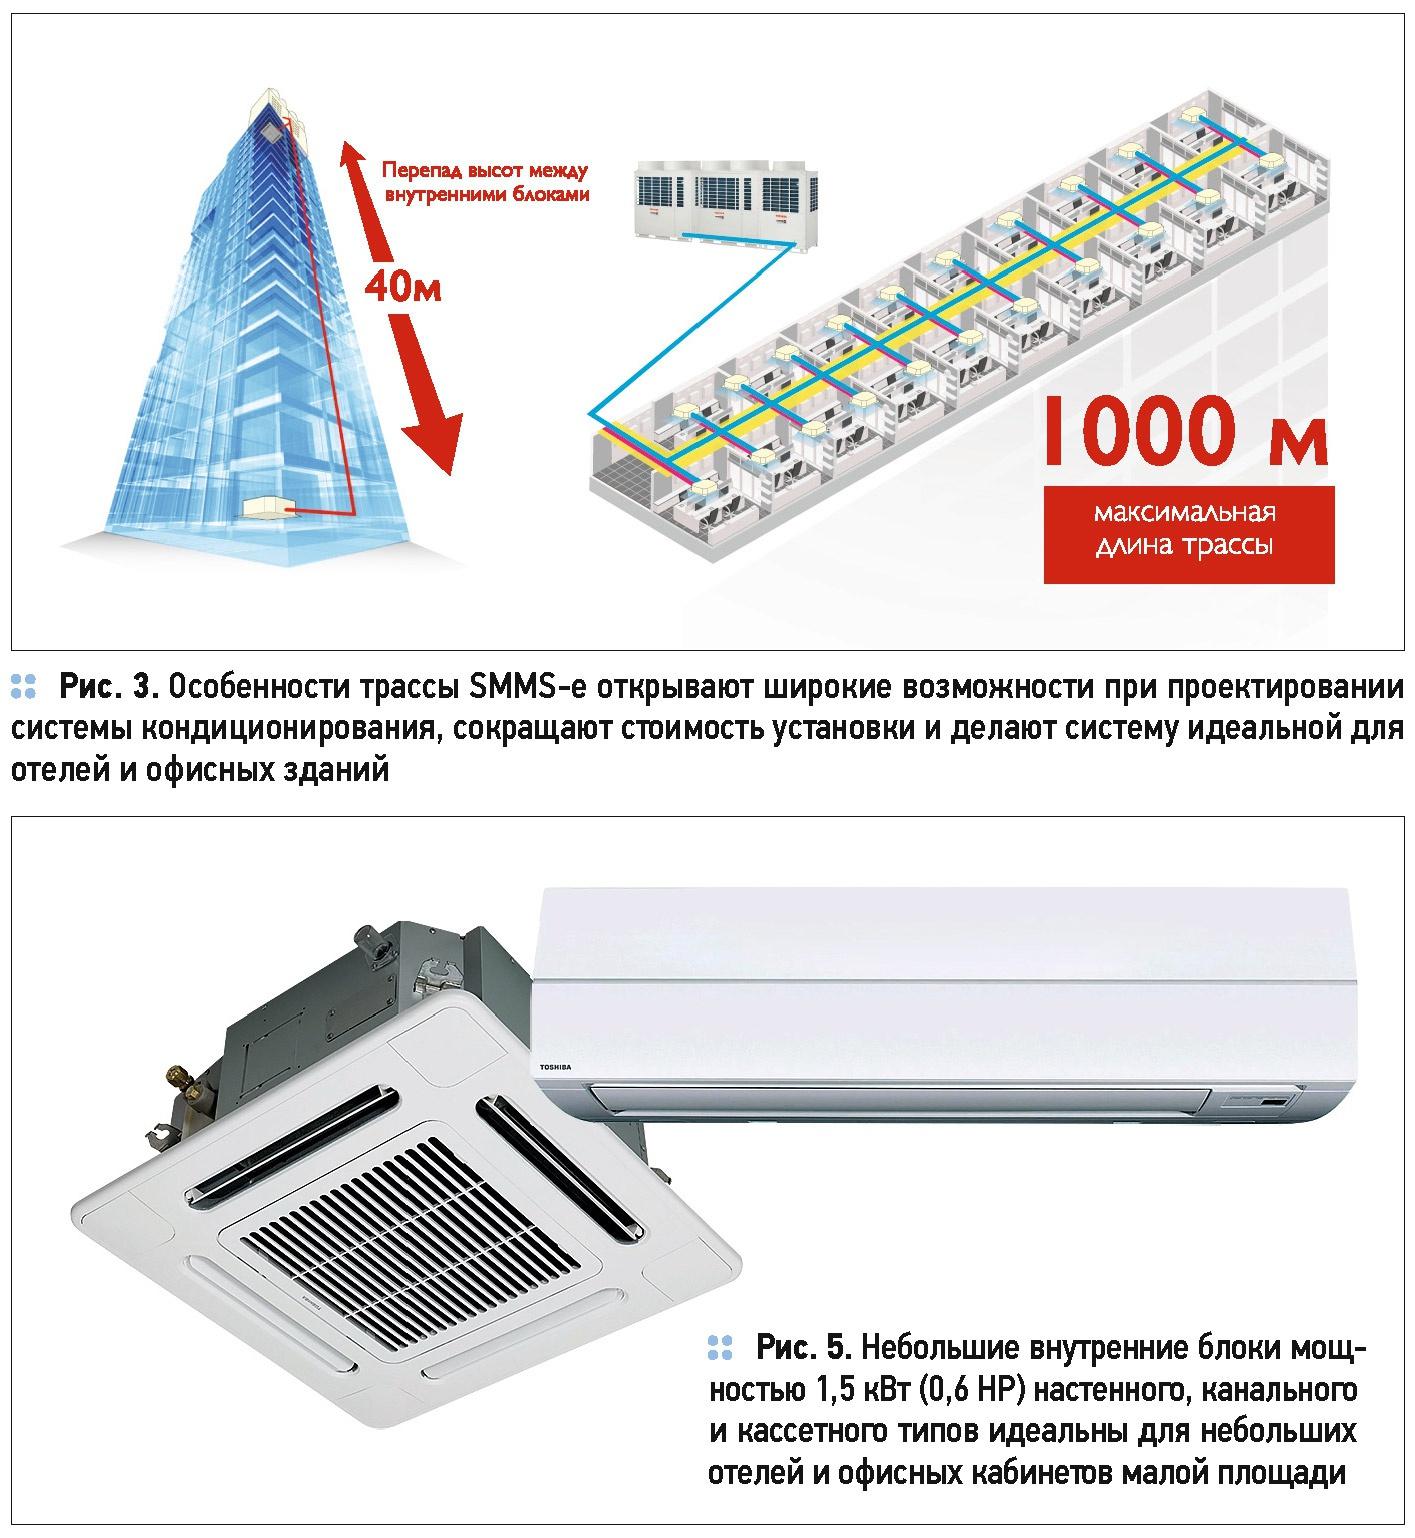 Новые мультизональные системы кондиционирования Toshiba SMMS-e. 4/2016. Фото 4